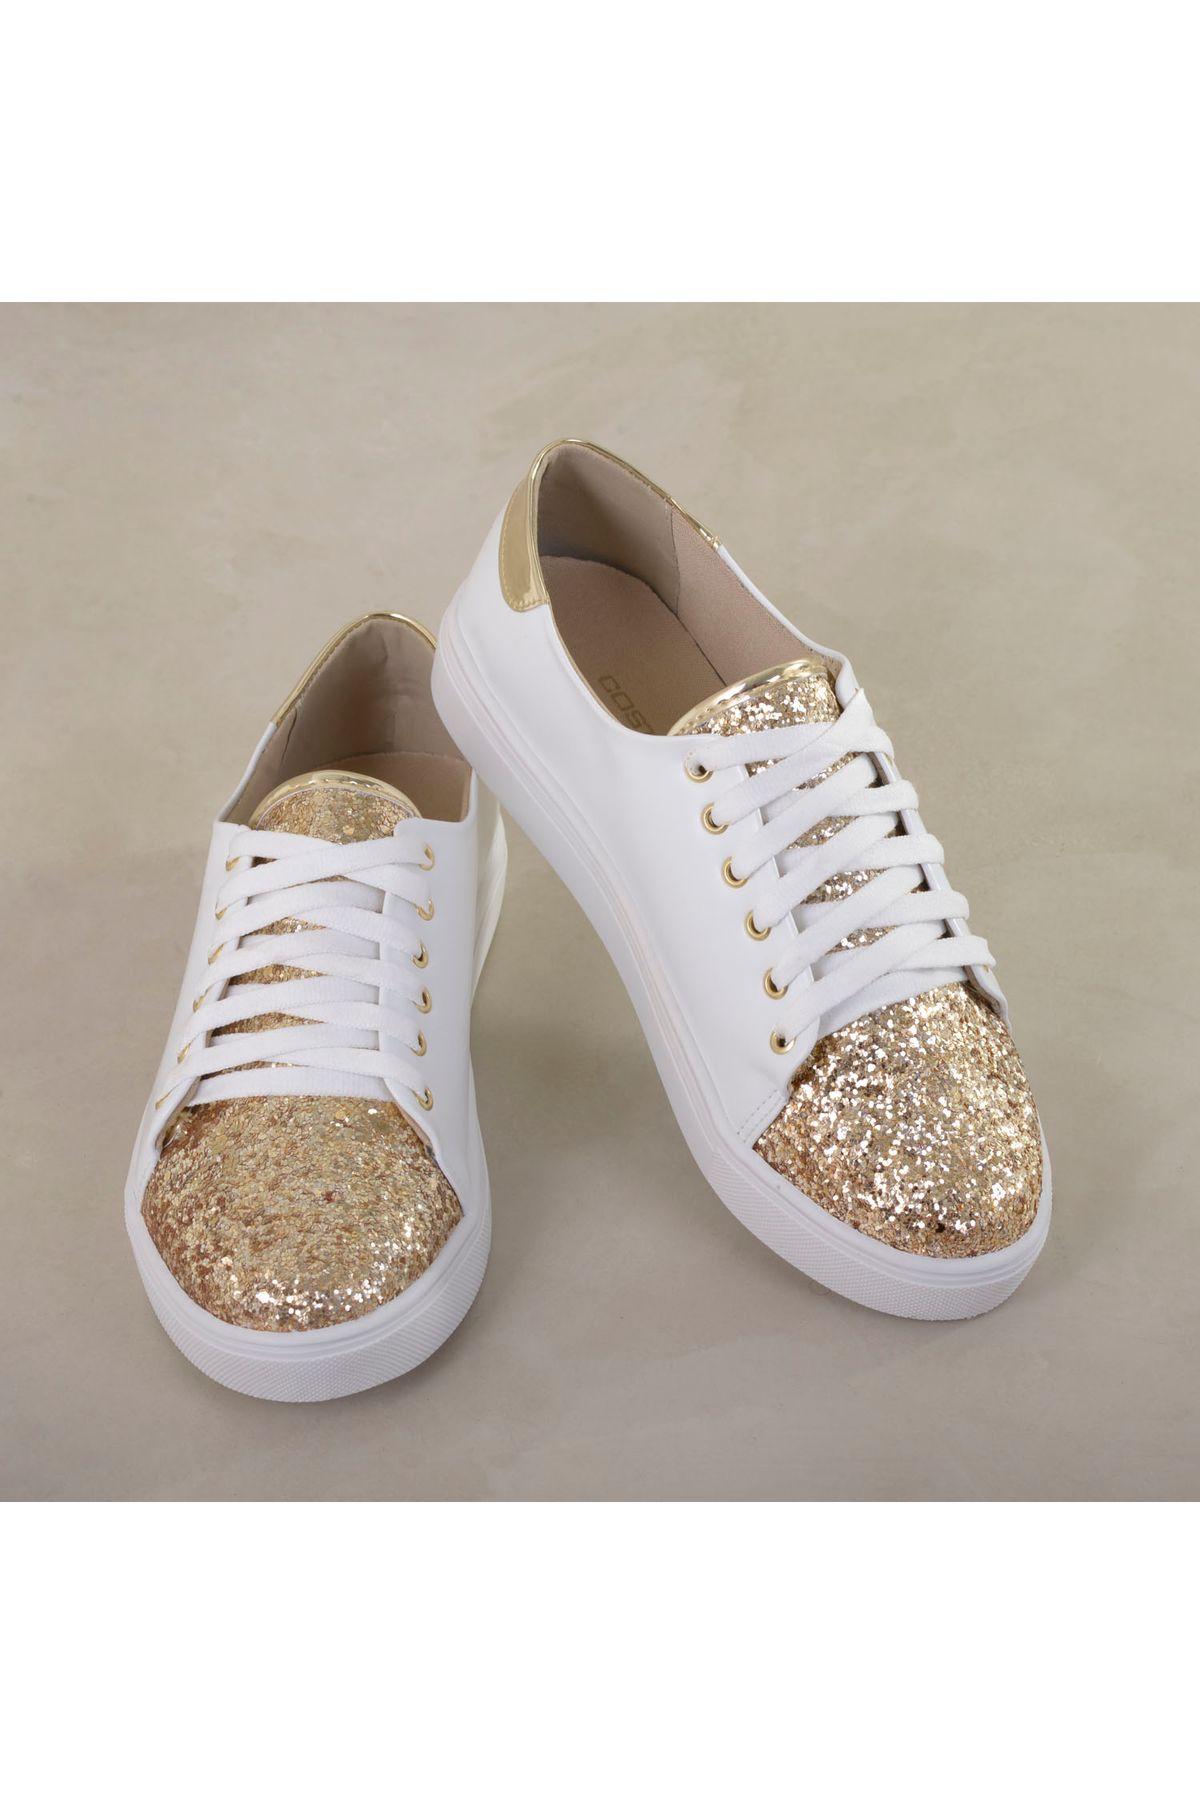 4b02d02f1 Tênis Feminino Millie Costes   Mundial Calçados - Mundial Calçados